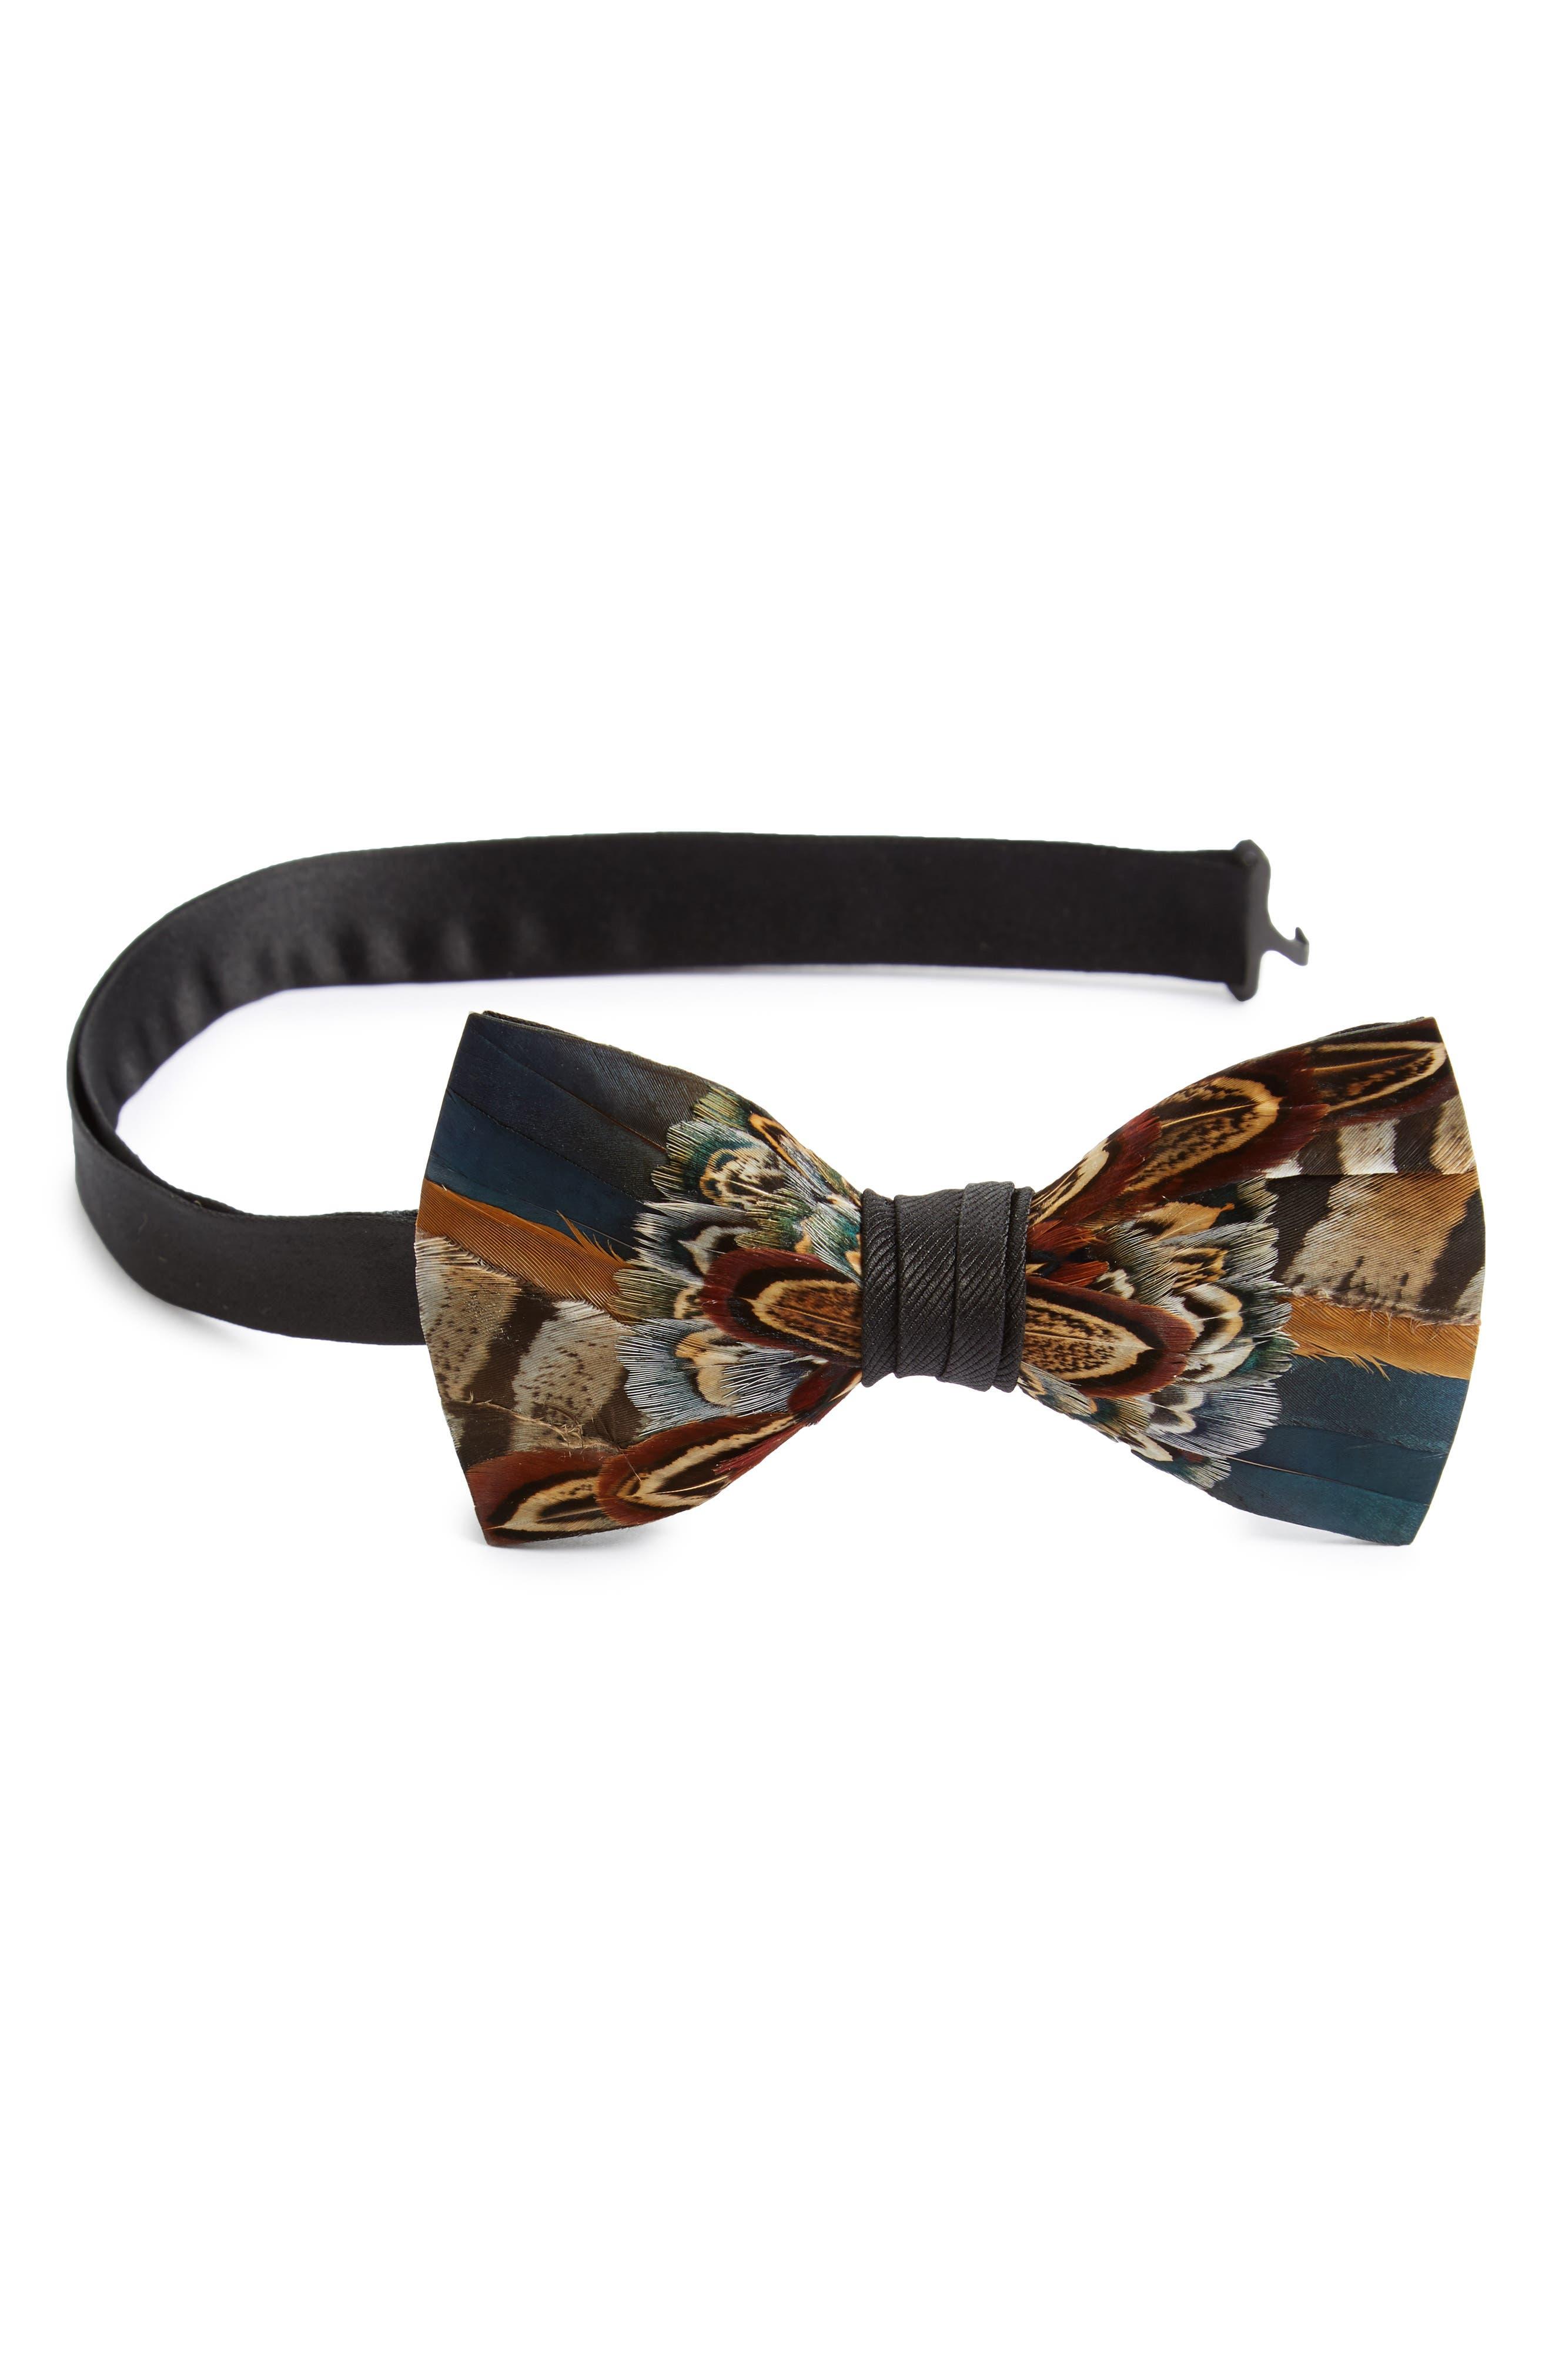 Brackish & Bell Kiawah Feather Bow Tie